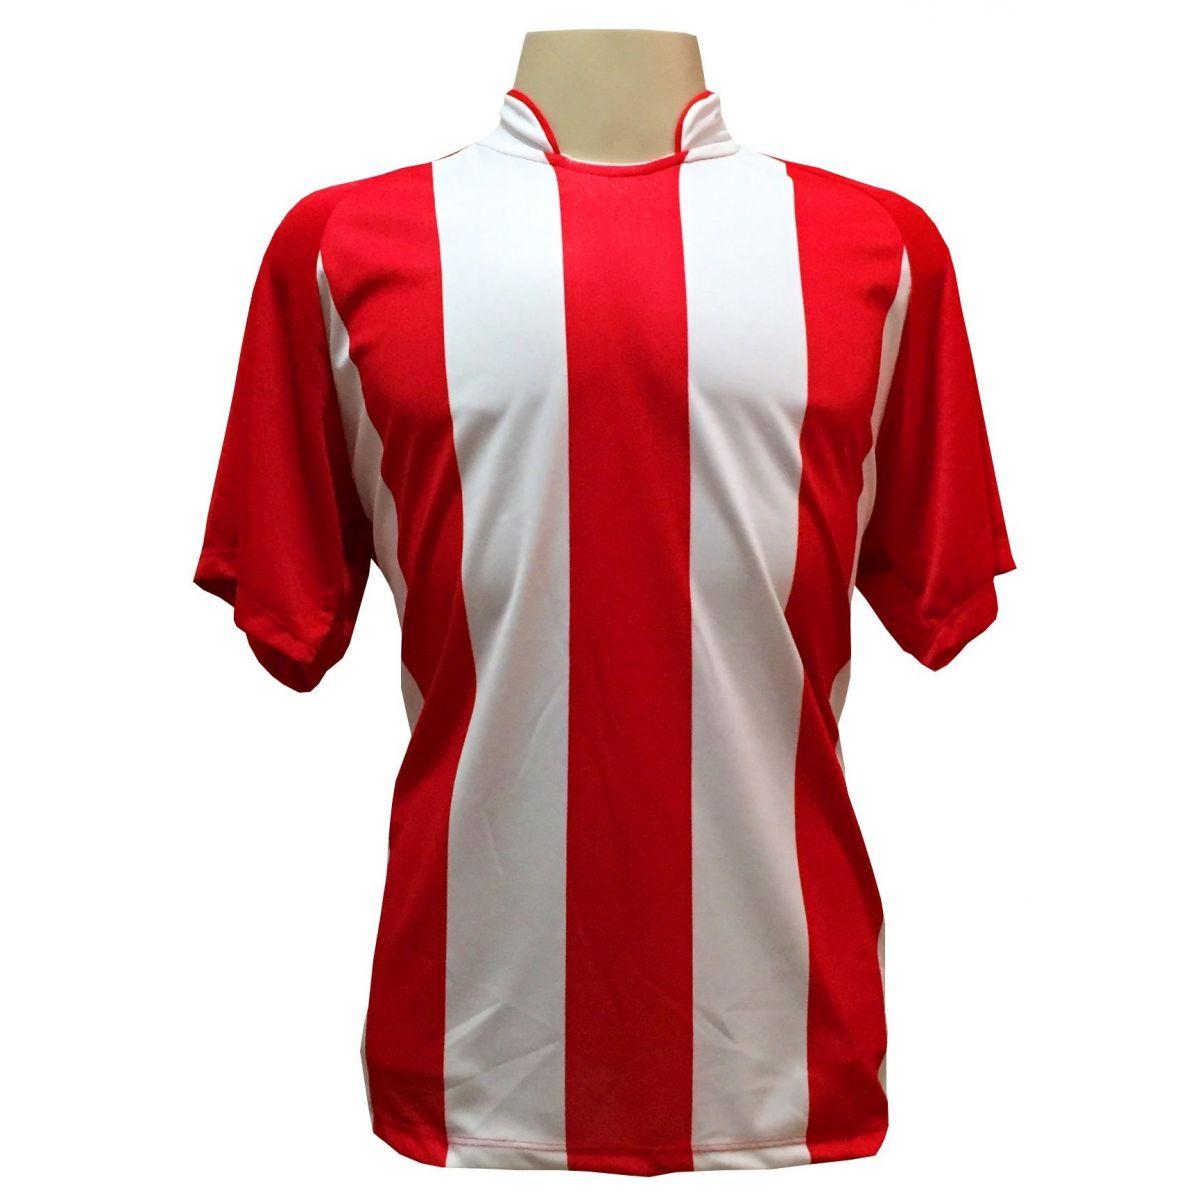 Fardamento Completo modelo Milan 20+2 (20 camisas Vermelho/Branco + 20 calções modelo Copa Vermelho/Branco + 20 pares de meiões Branco + 2 conjuntos de goleiro) + Brindes